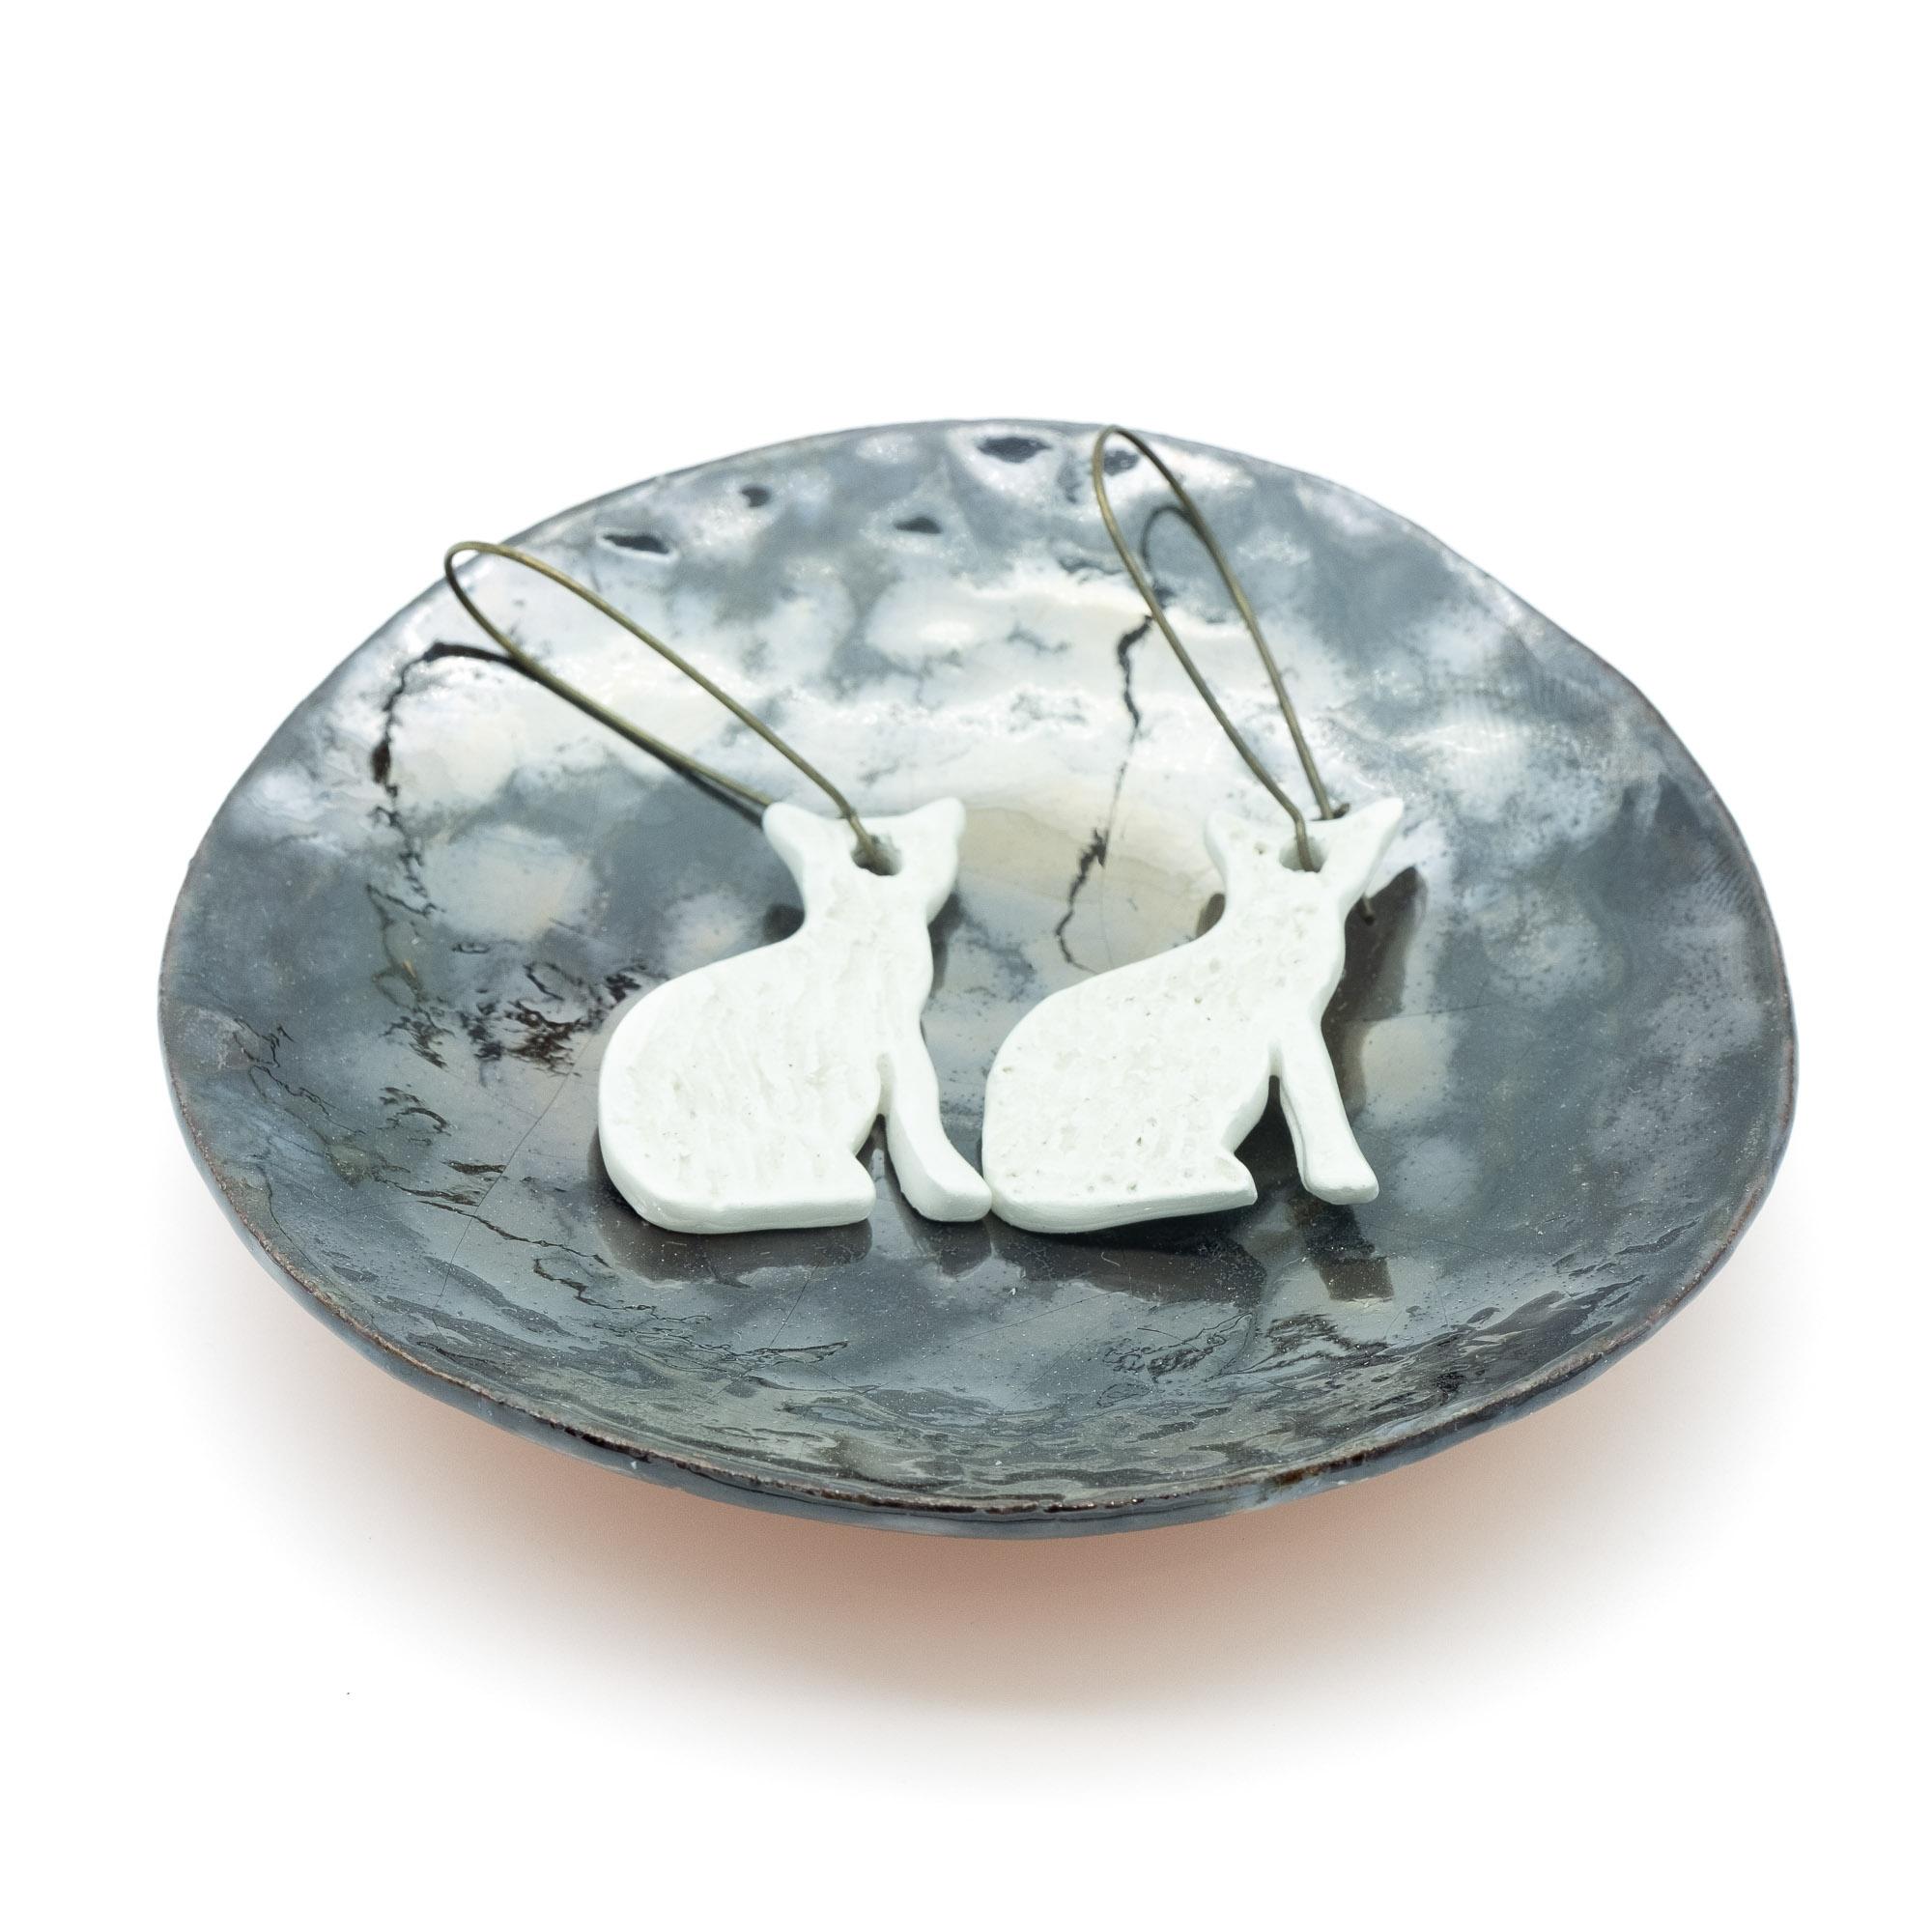 Orecchini in ceramica - Stefania Mairano Creazioni in Ceramica